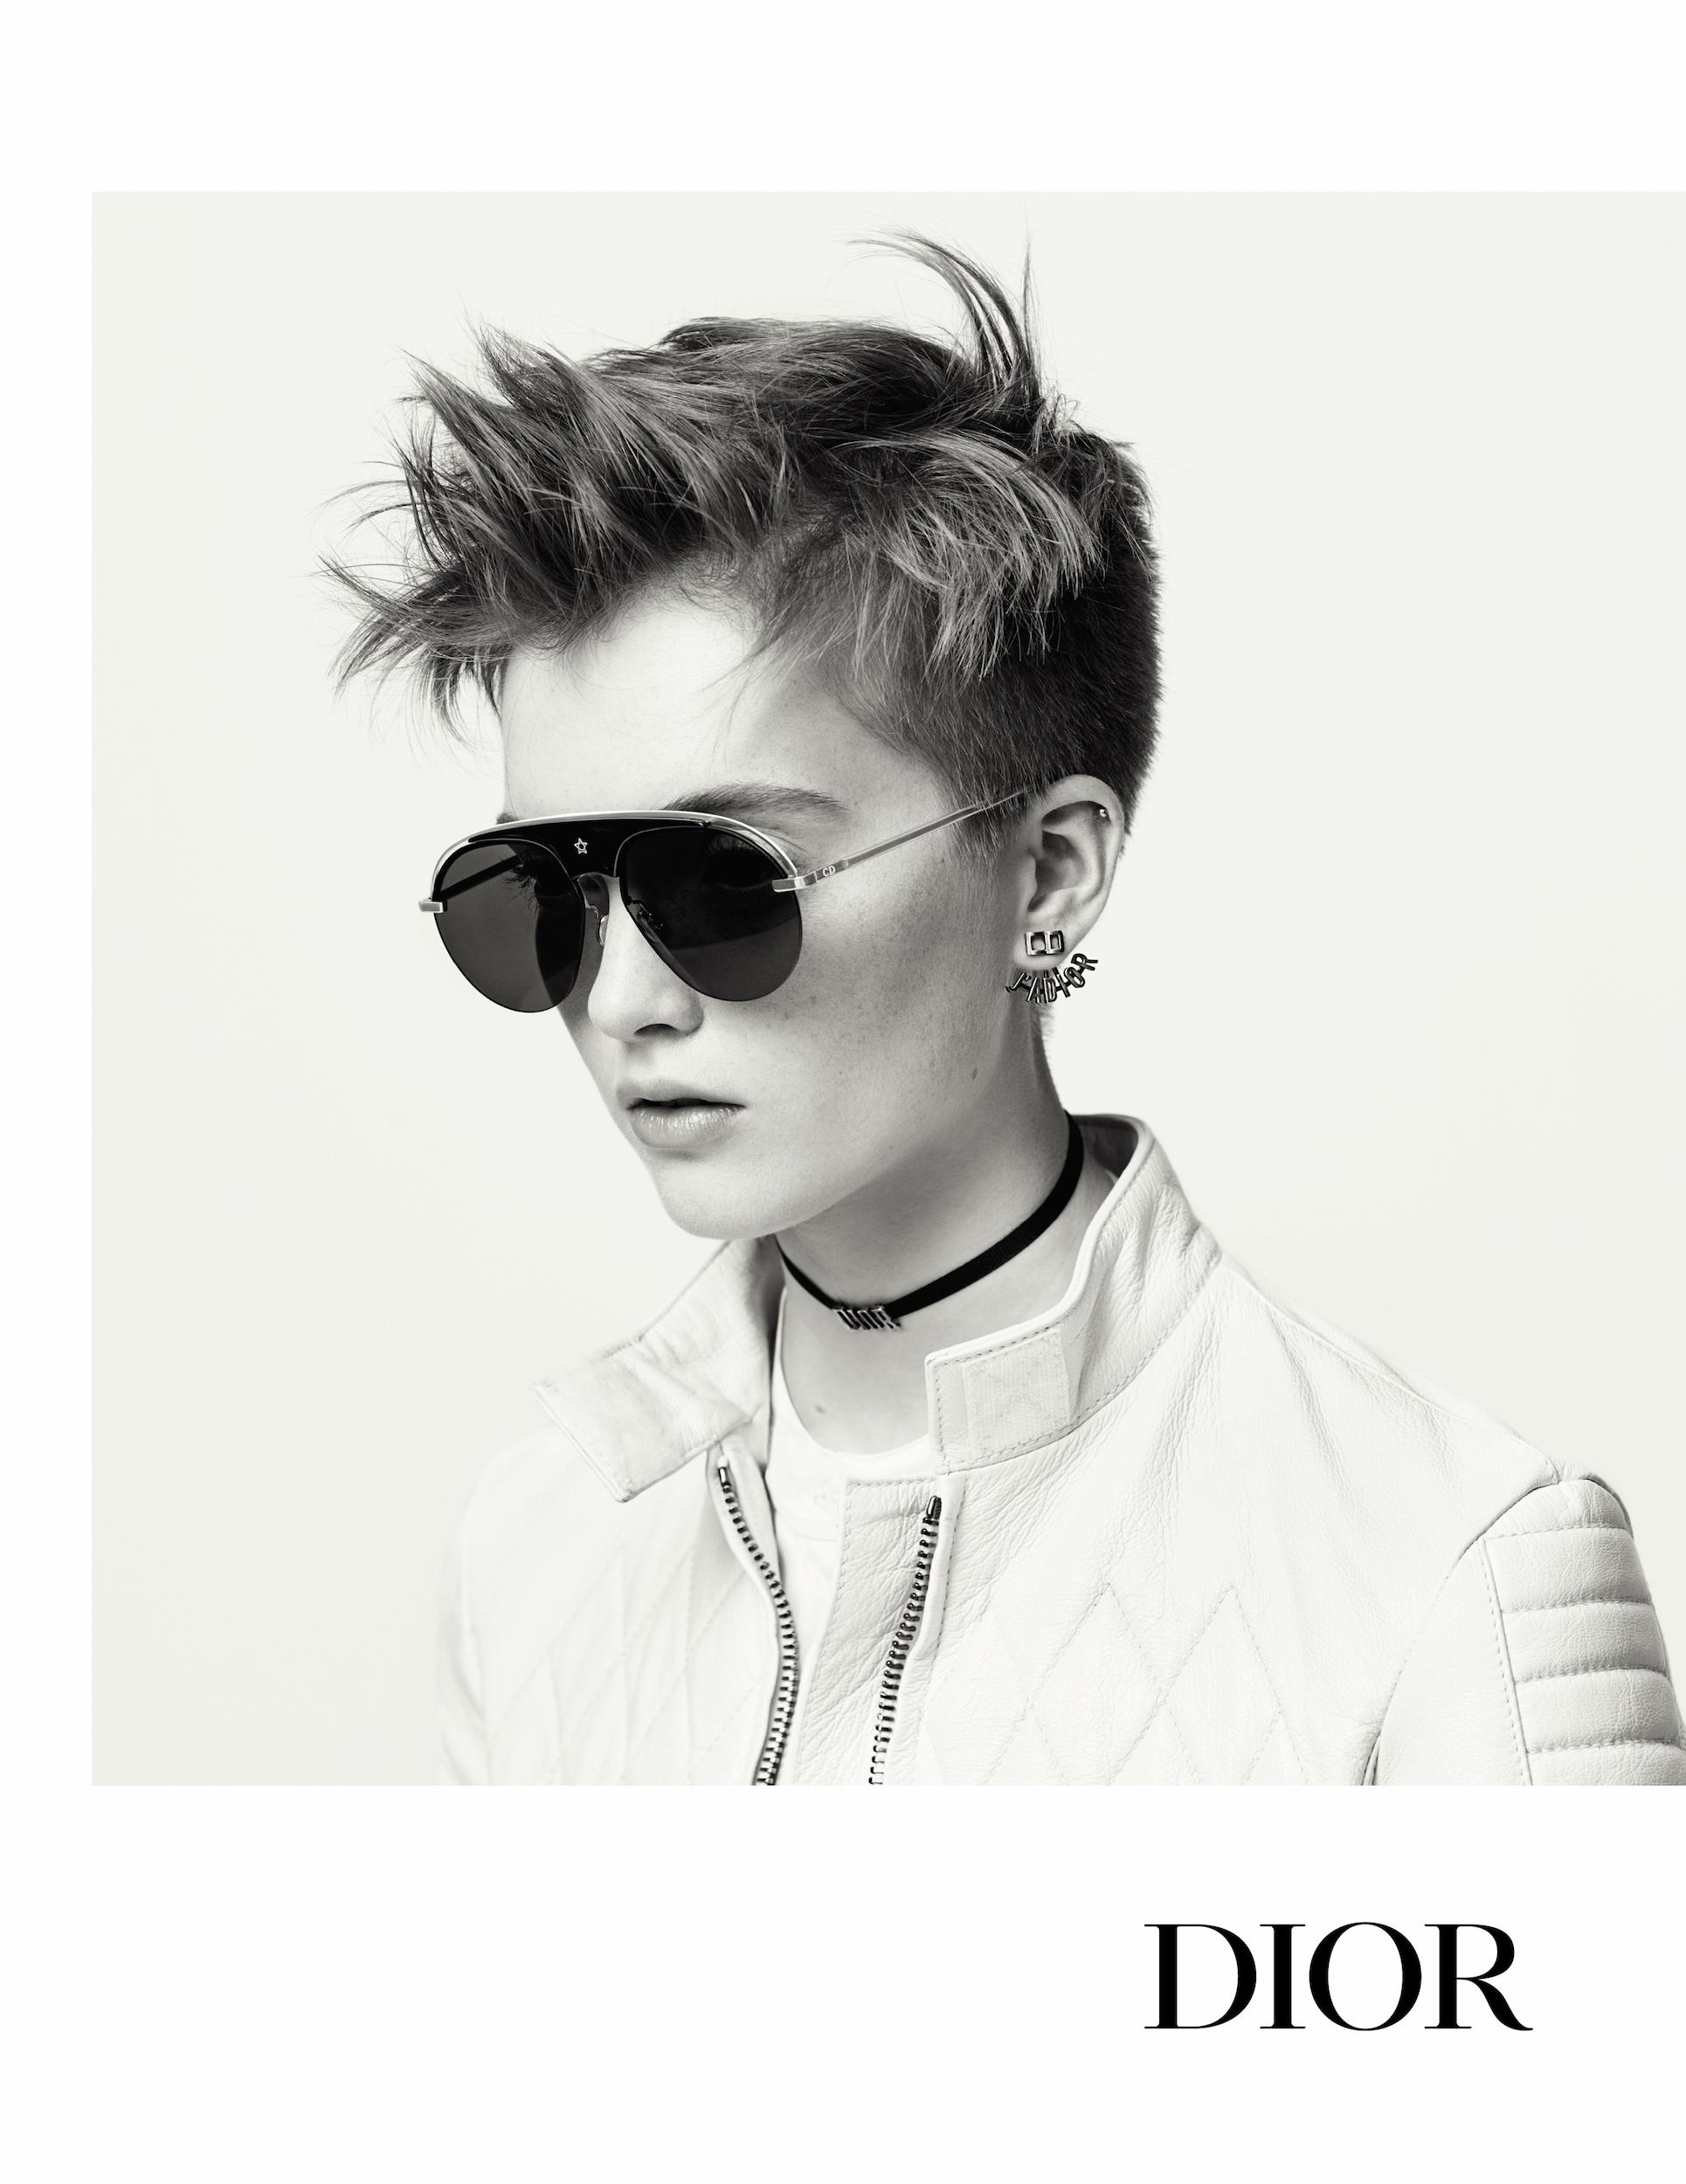 Occhiali da sole estate 2017 la collezione dior foto for Pubblicita occhiali da sole